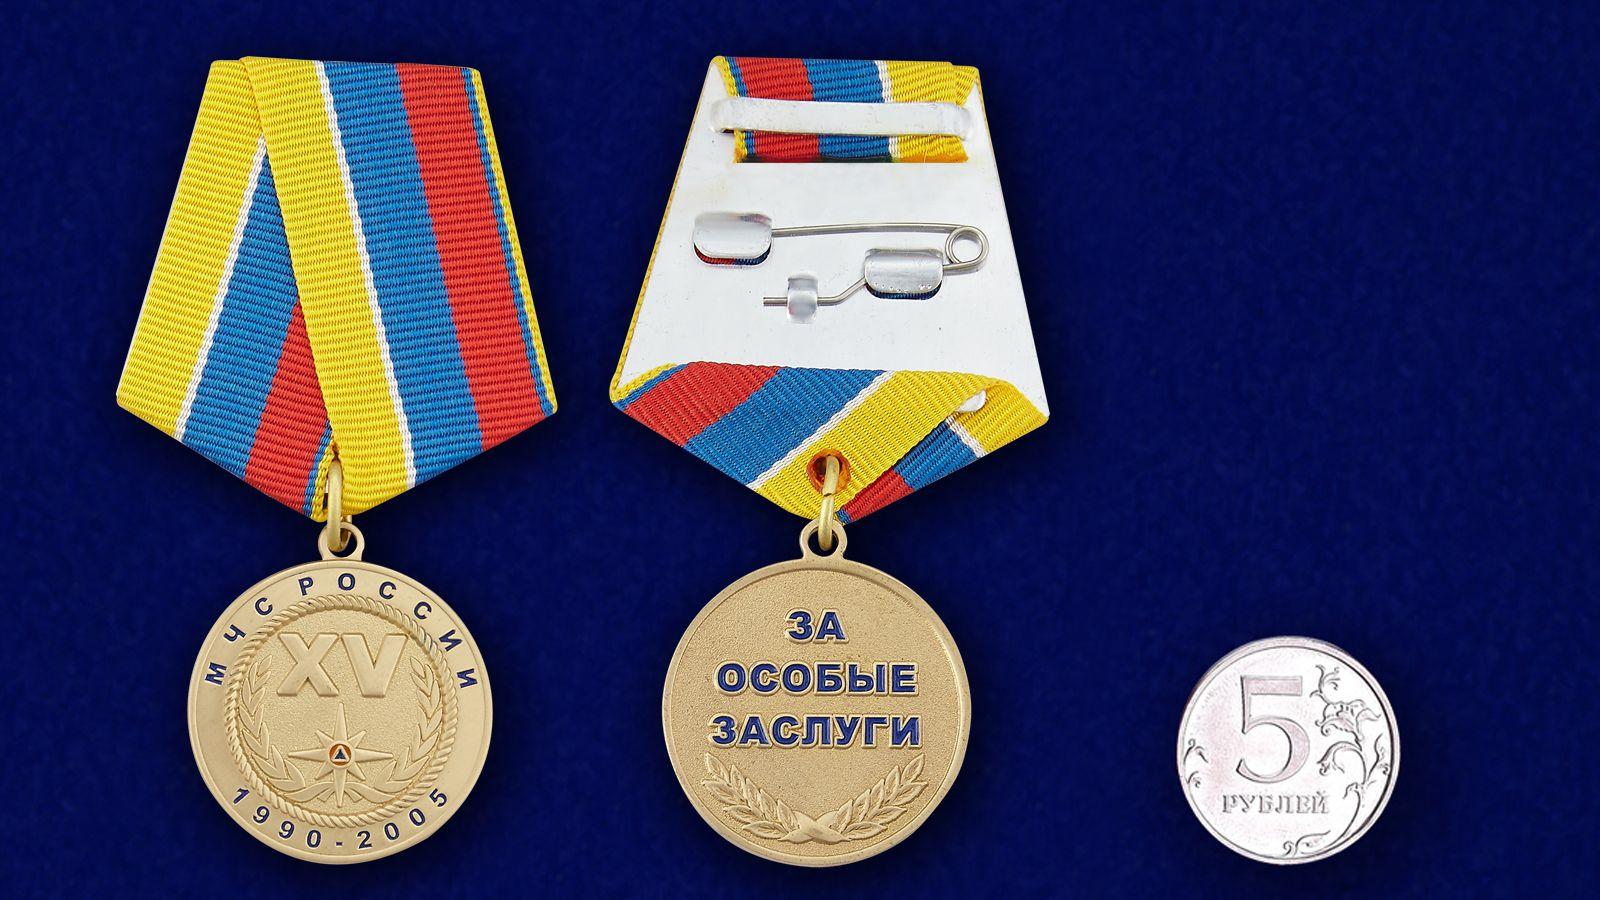 Медаль МЧС РФ «За особые заслуги» - сравнительный вид